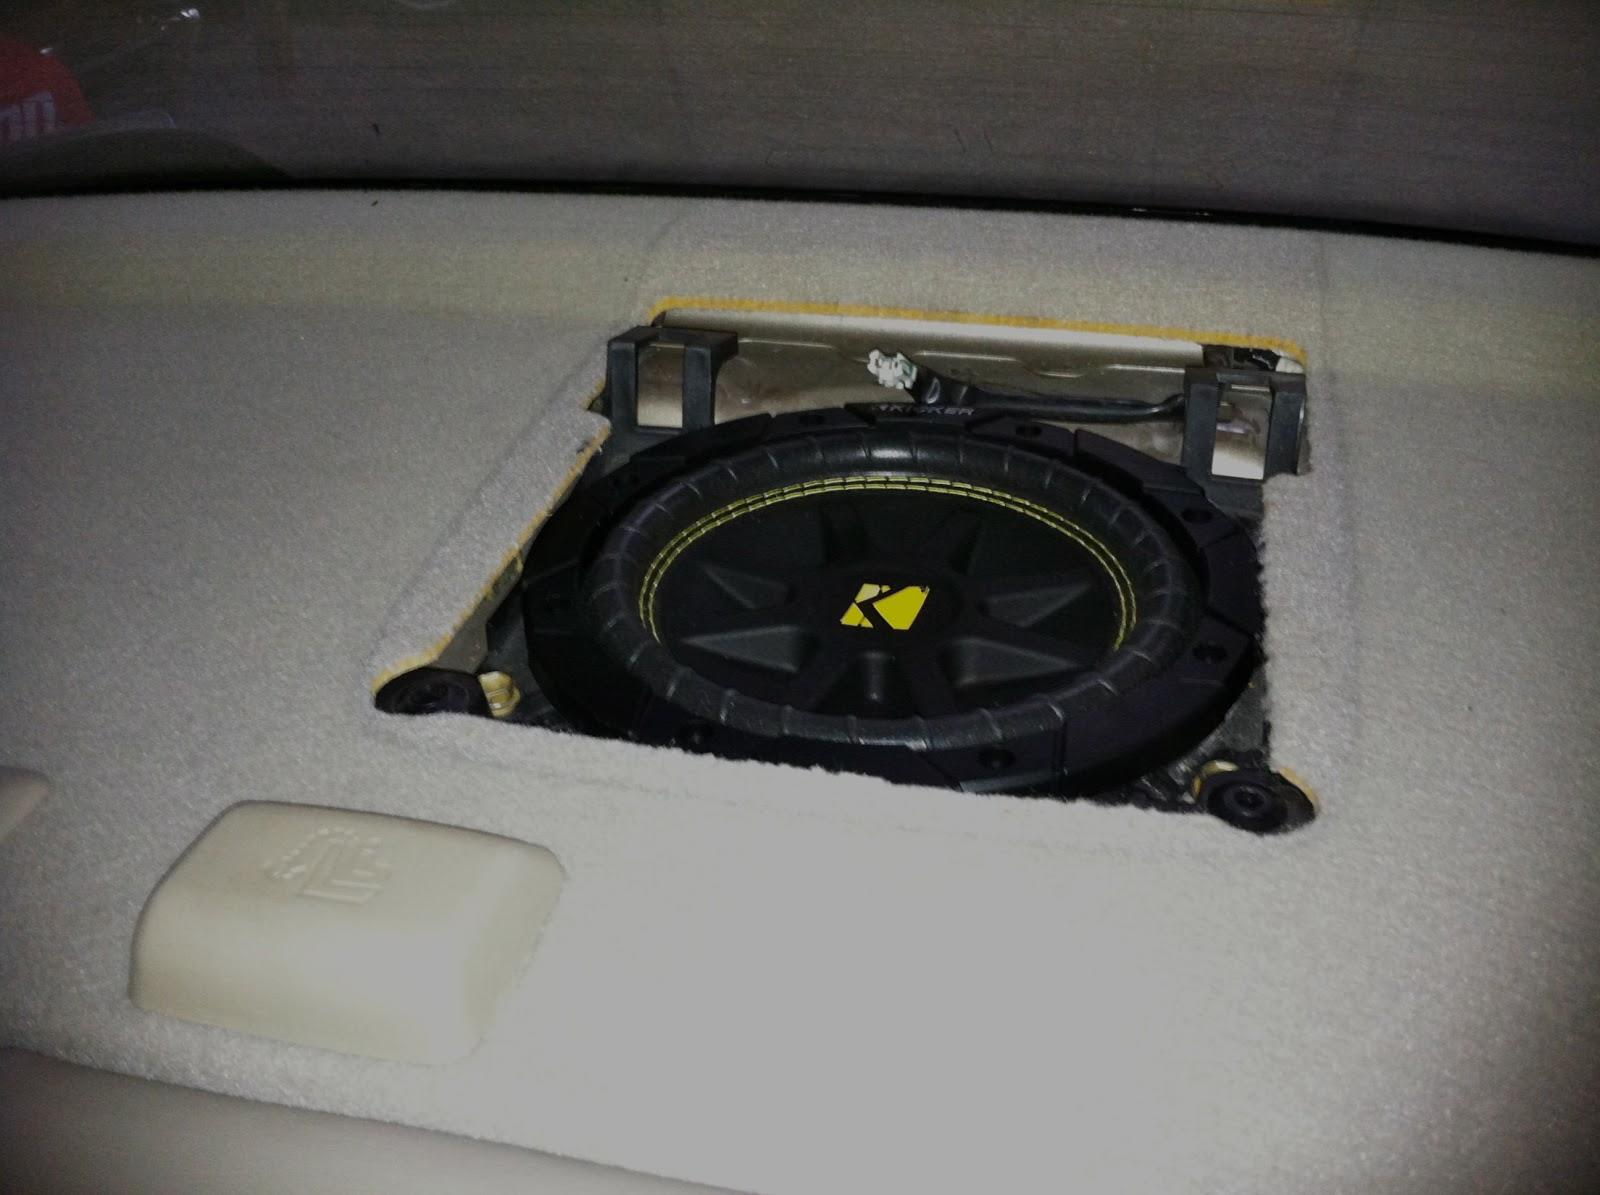 2002 toyota avalon rear speaker removal. Black Bedroom Furniture Sets. Home Design Ideas